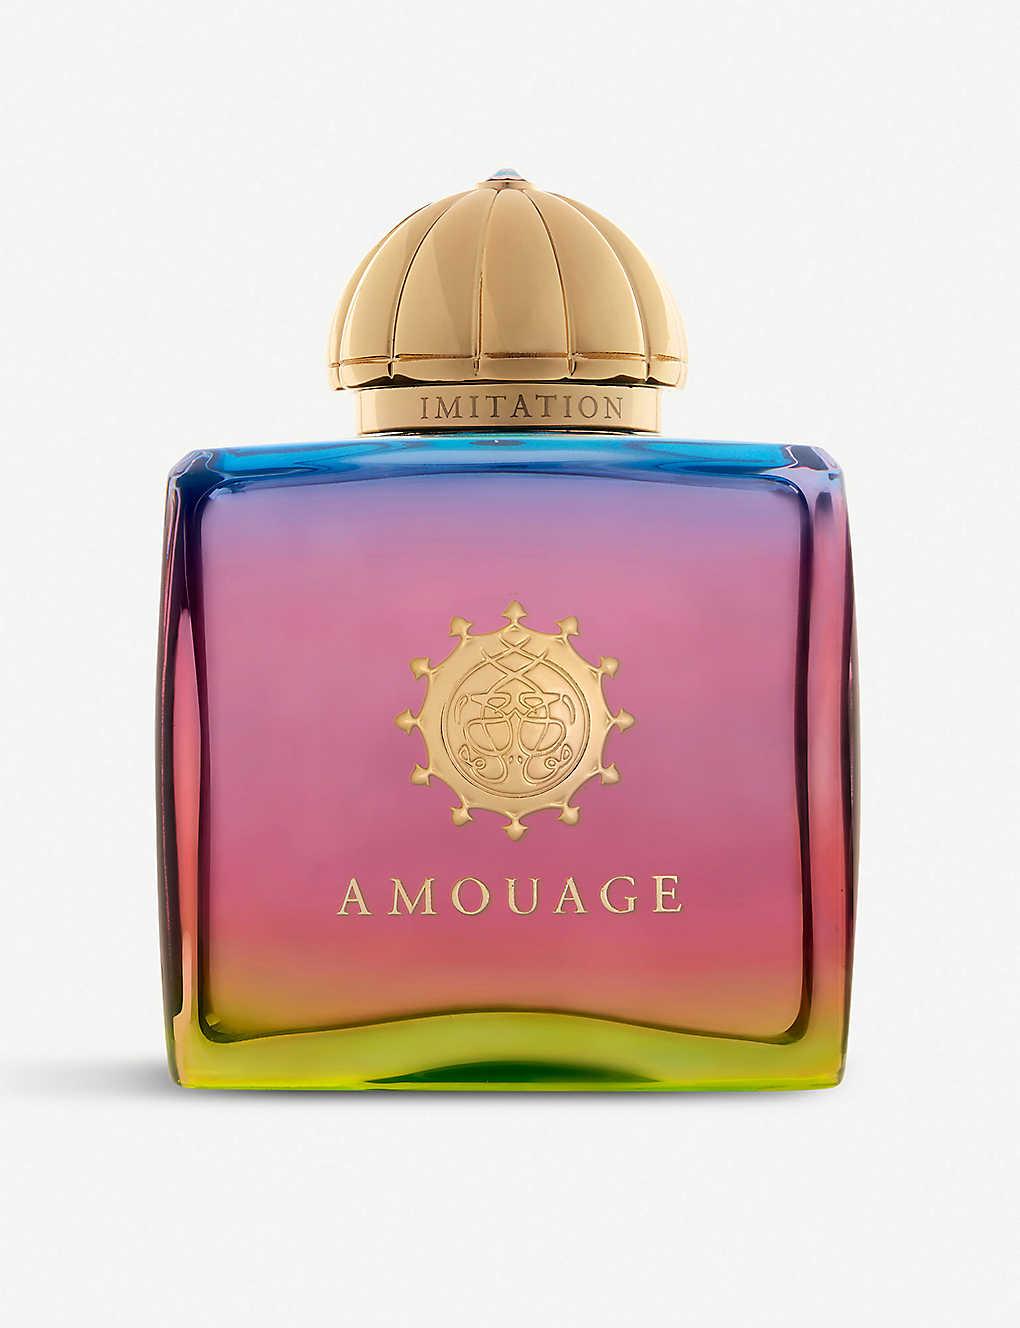 Amouage Imitation Women Eau De Perfume 100ml Selfridgescom